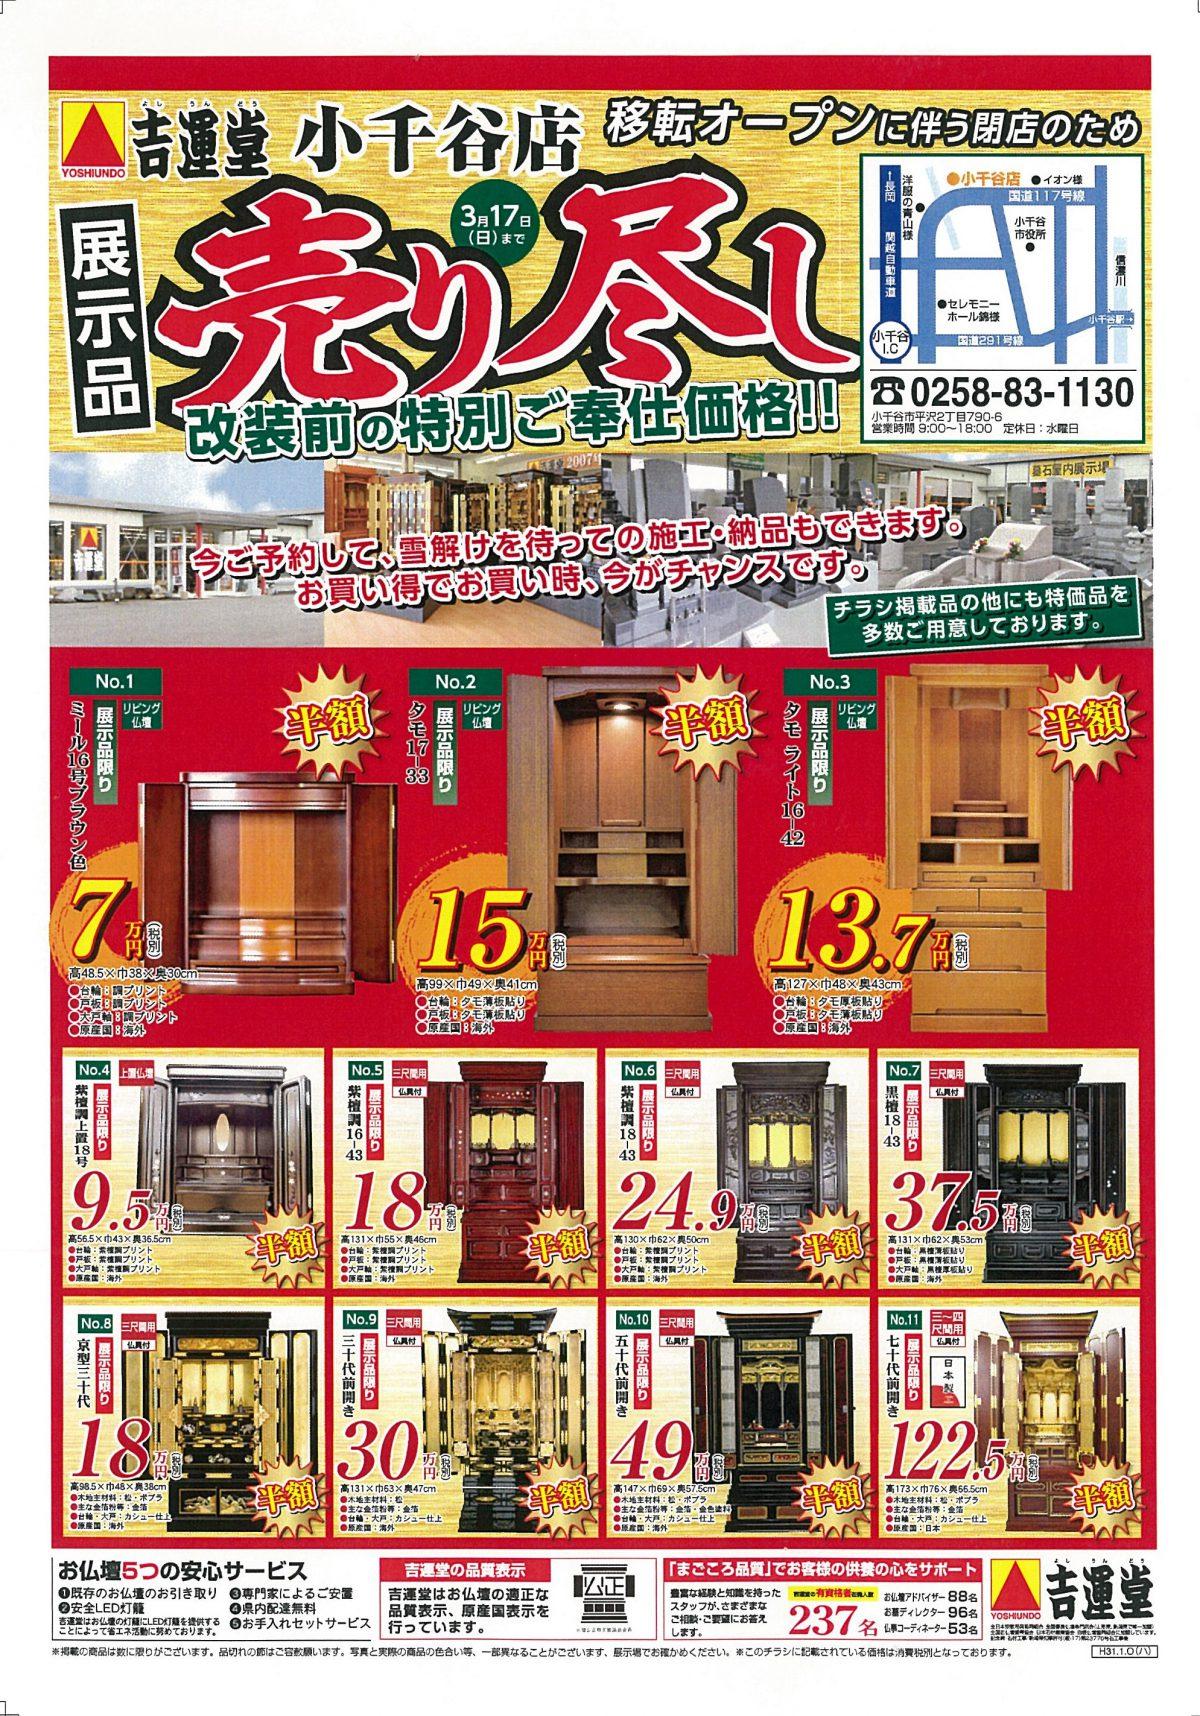 小千谷店移転オープンに伴う売り尽くしセール開催中!